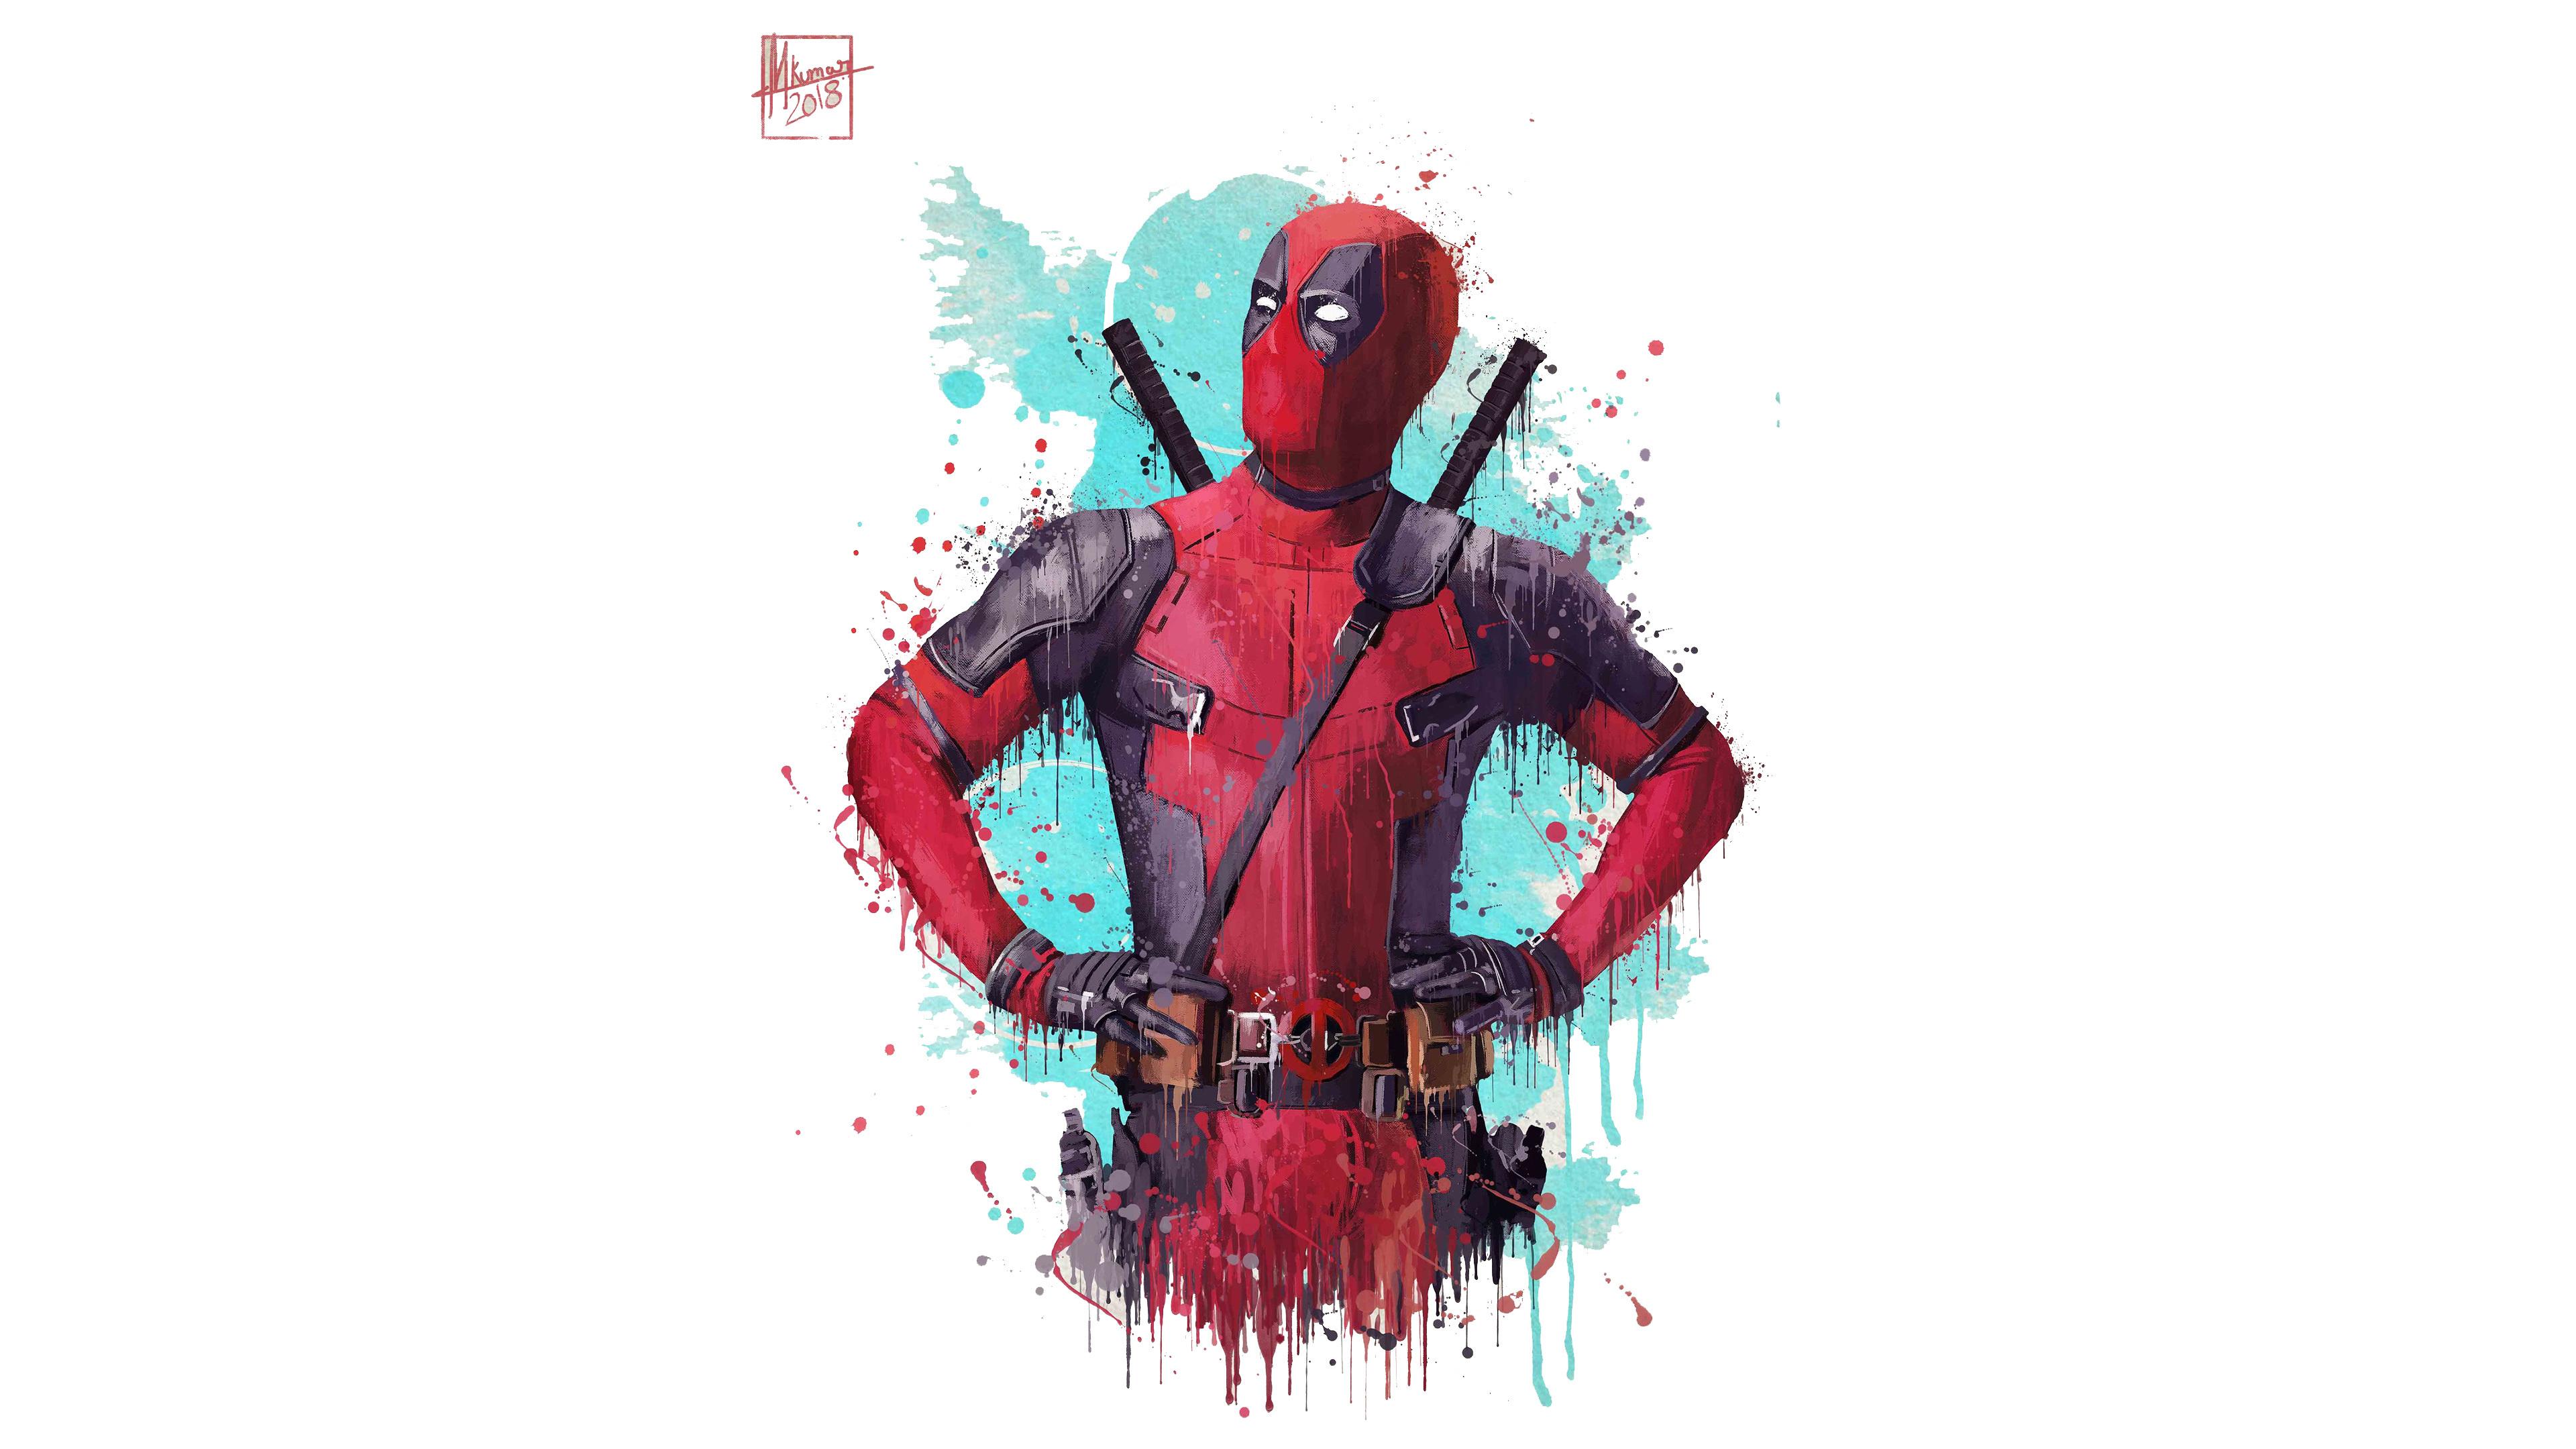 Download 3840x2400 Wallpaper Deadpool 2 2018 Movie Fan